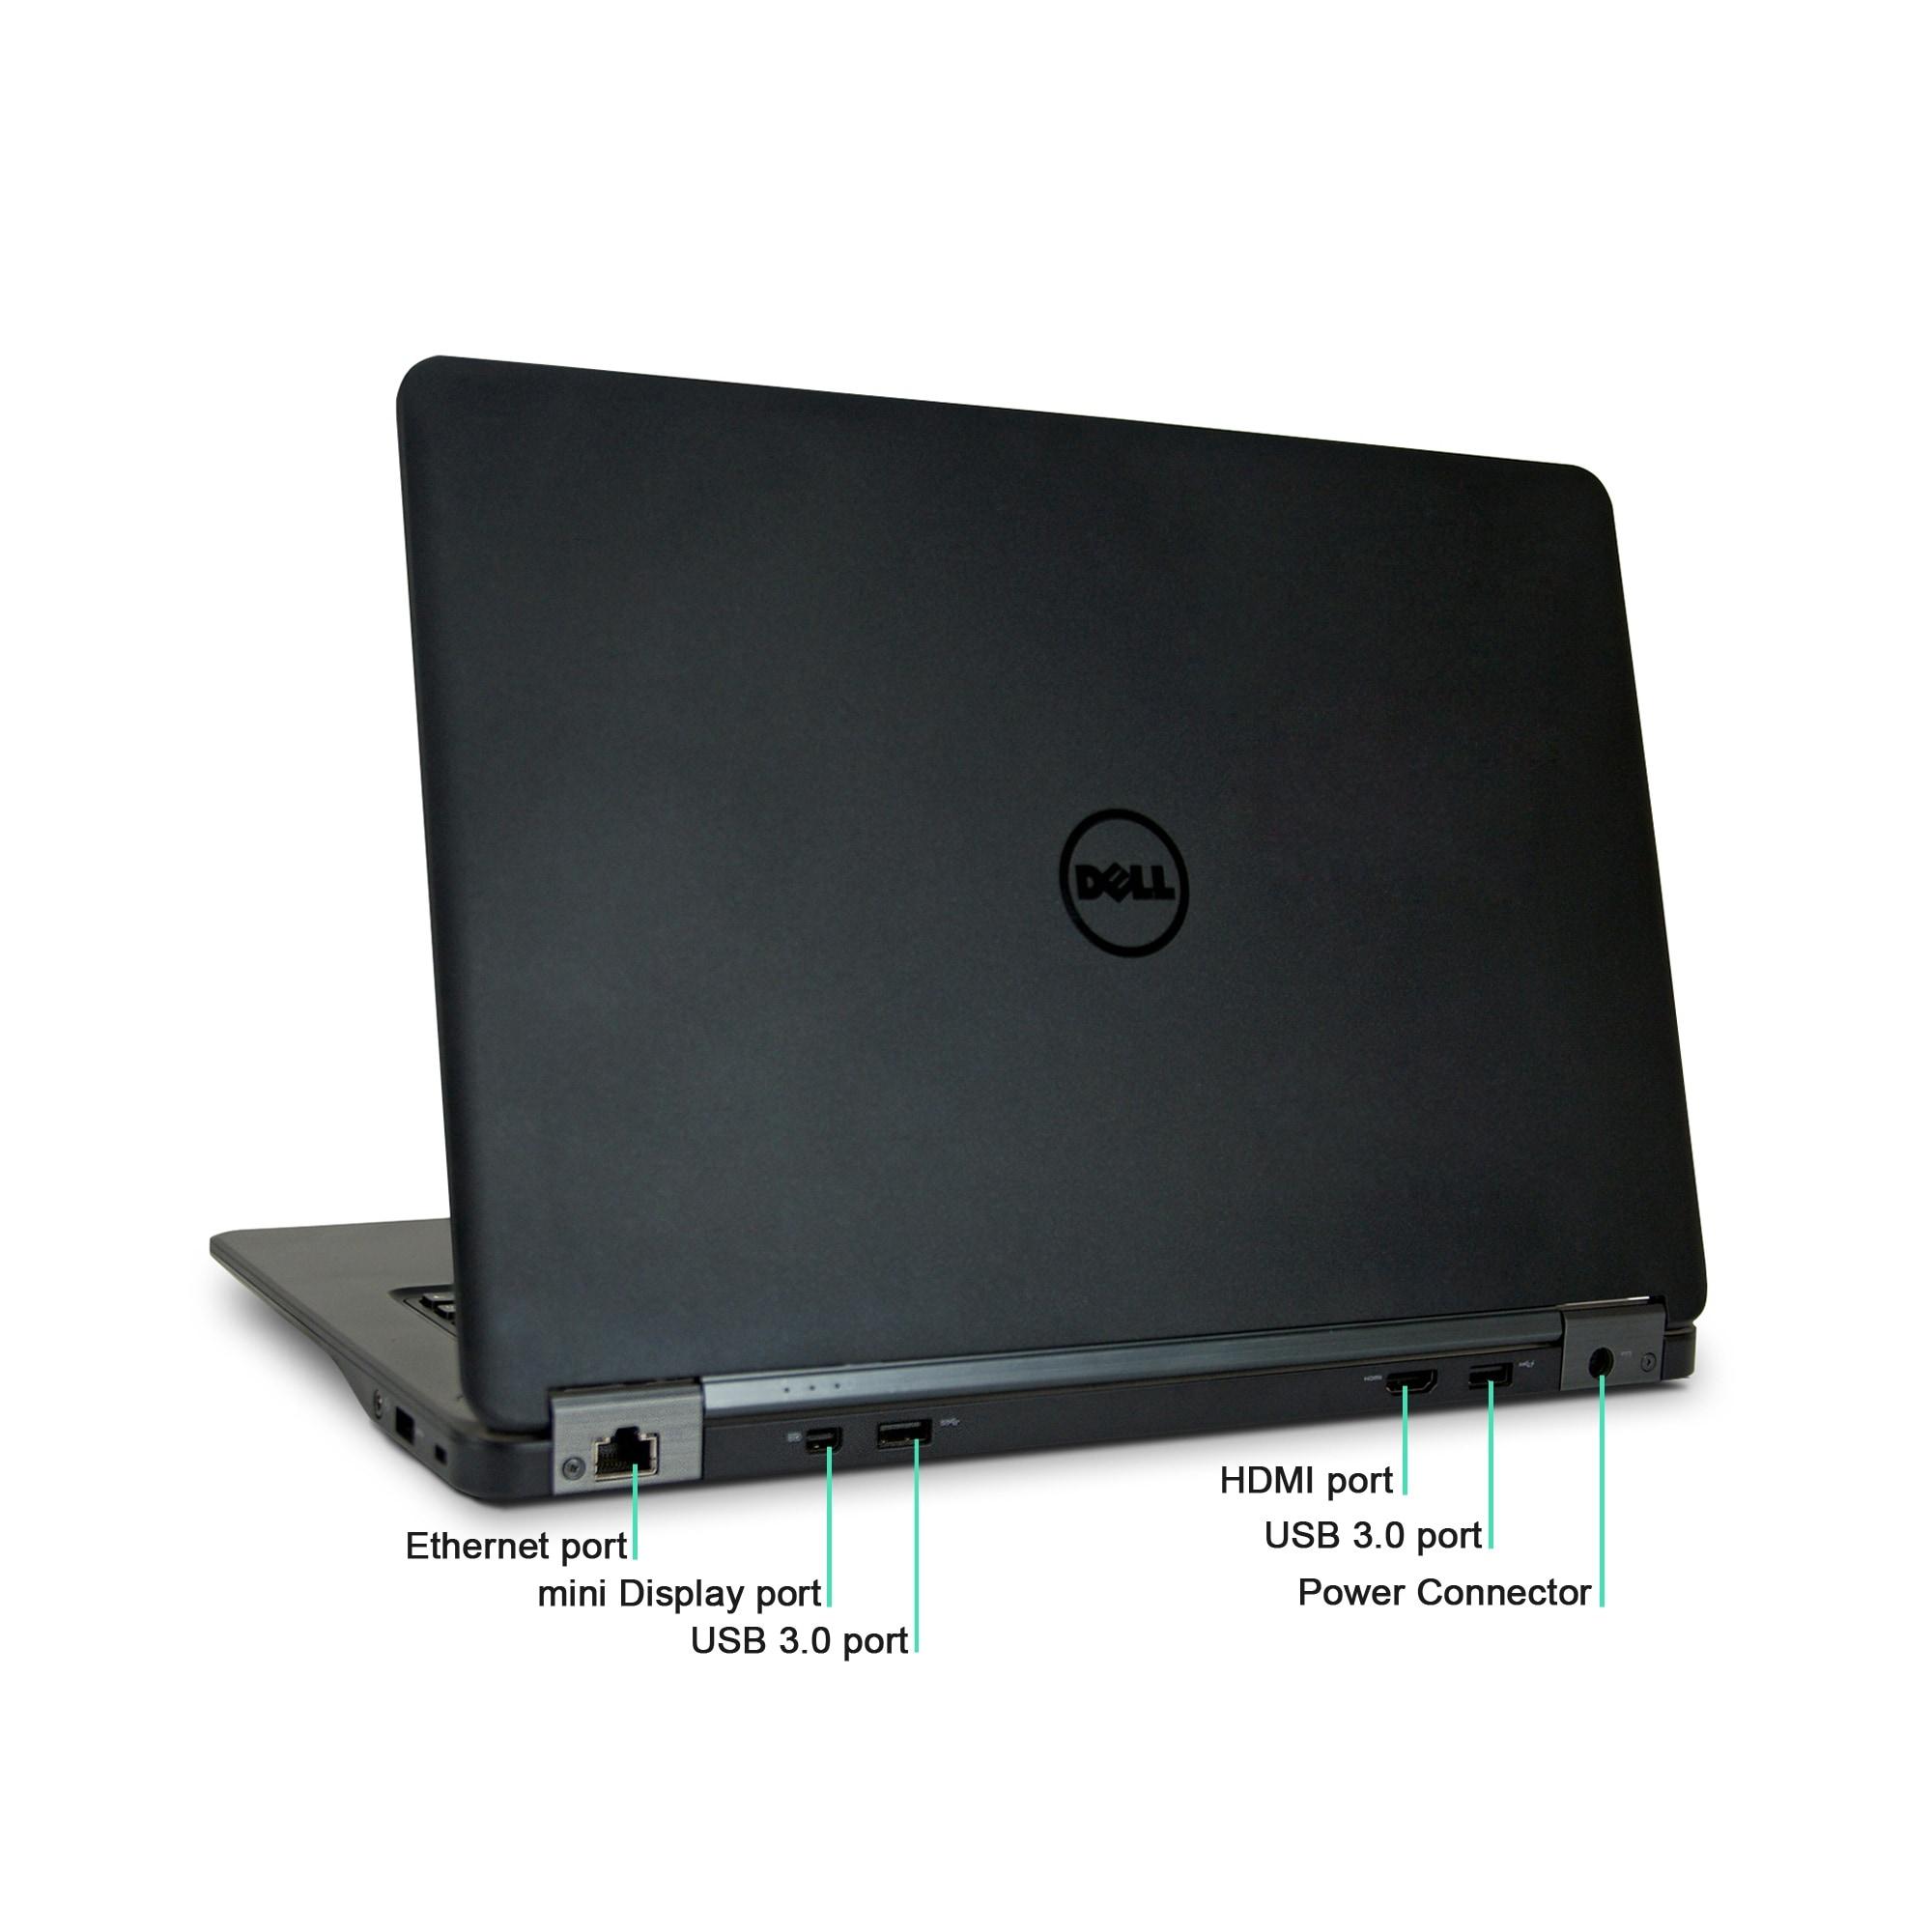 Dell Latitude E7450 Core i7-5600U 2 6GHz 16GB RAM 500GB SSD Win 10 Pro 14